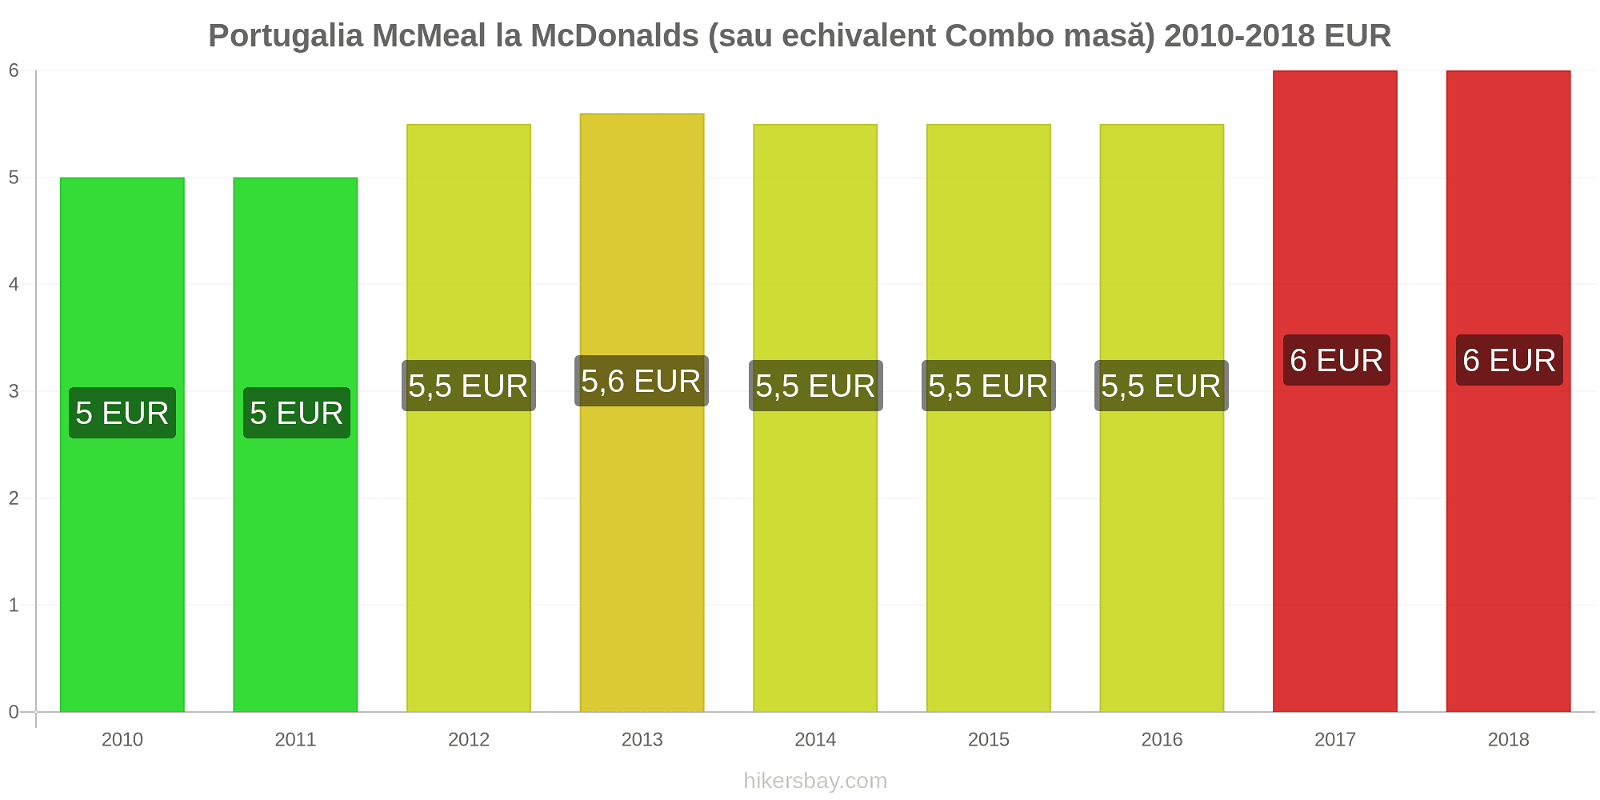 Portugalia modificări de preț McMeal la McDonalds (sau echivalent Combo masă) hikersbay.com